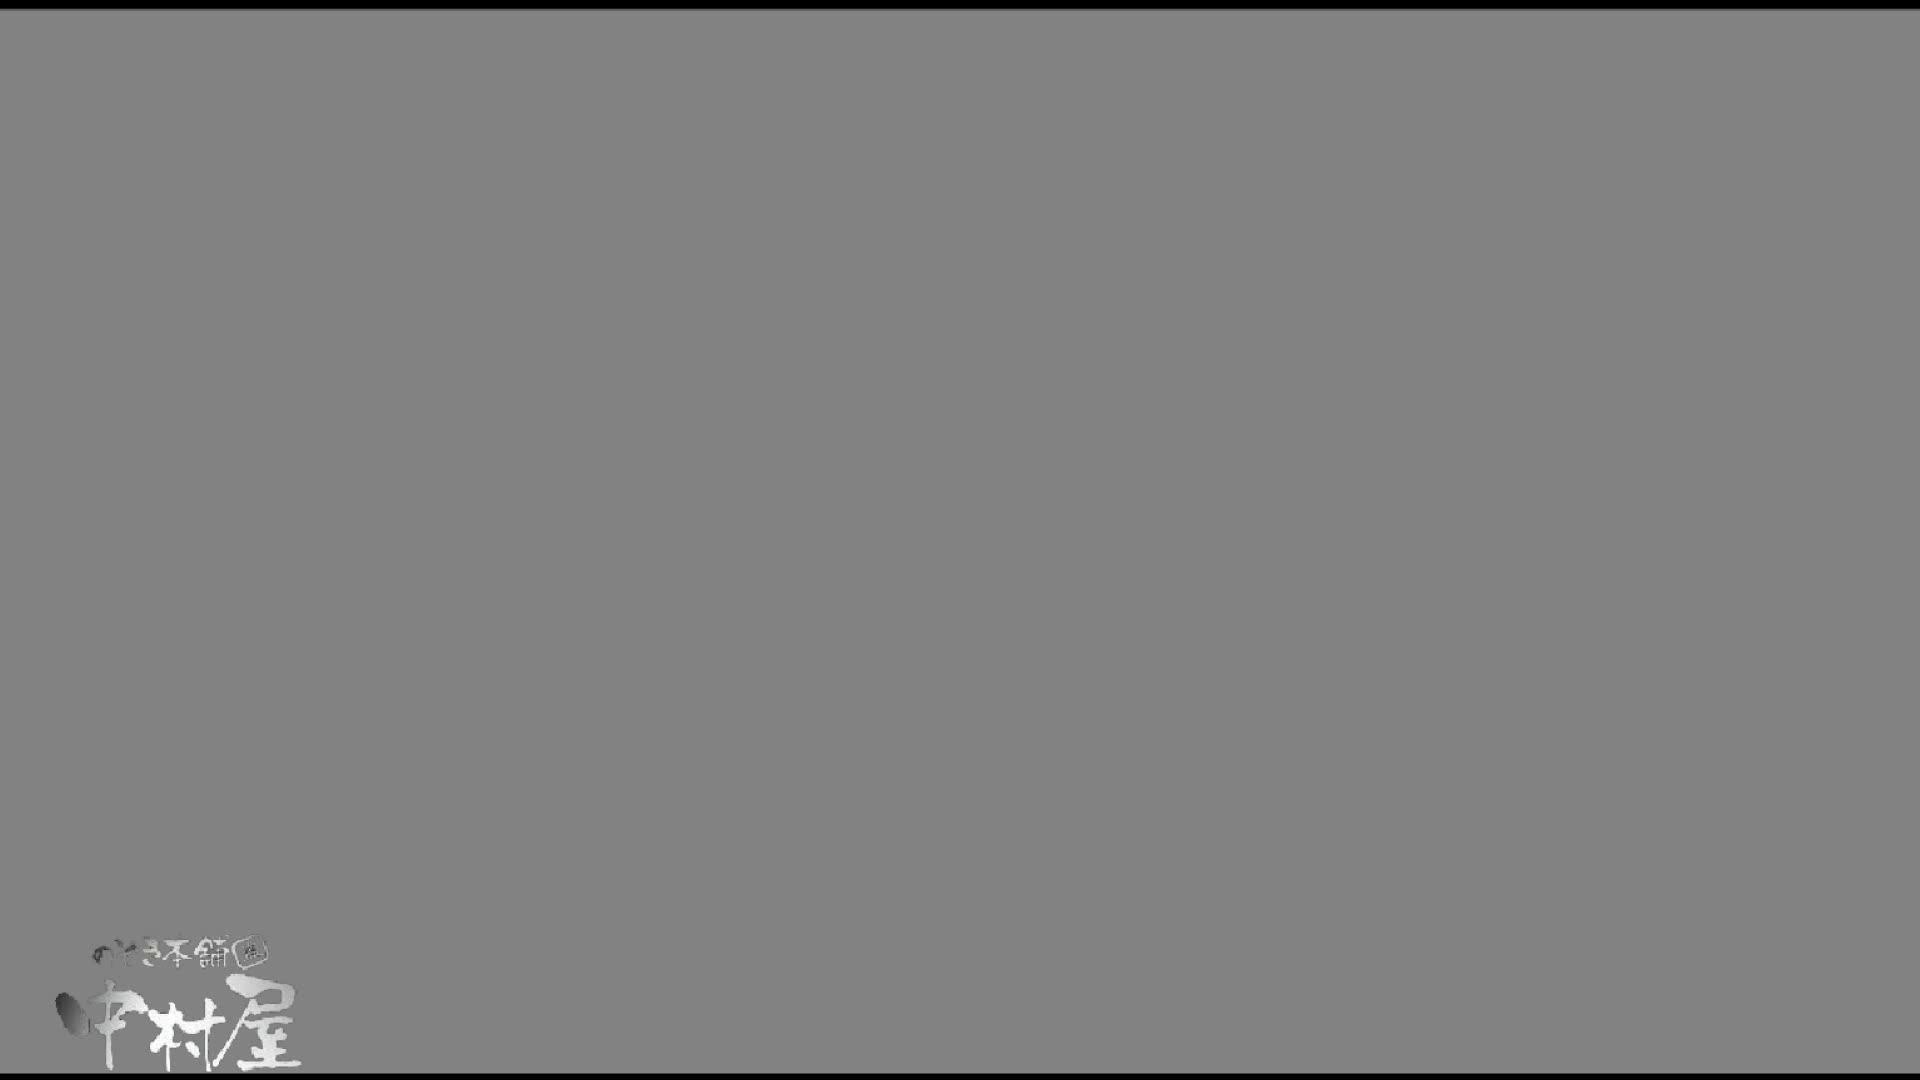 飛び出す黄金水!!!アトレ潜入 かわや盗撮 vol.05 盗撮 オマンコ動画キャプチャ 72PICs 3